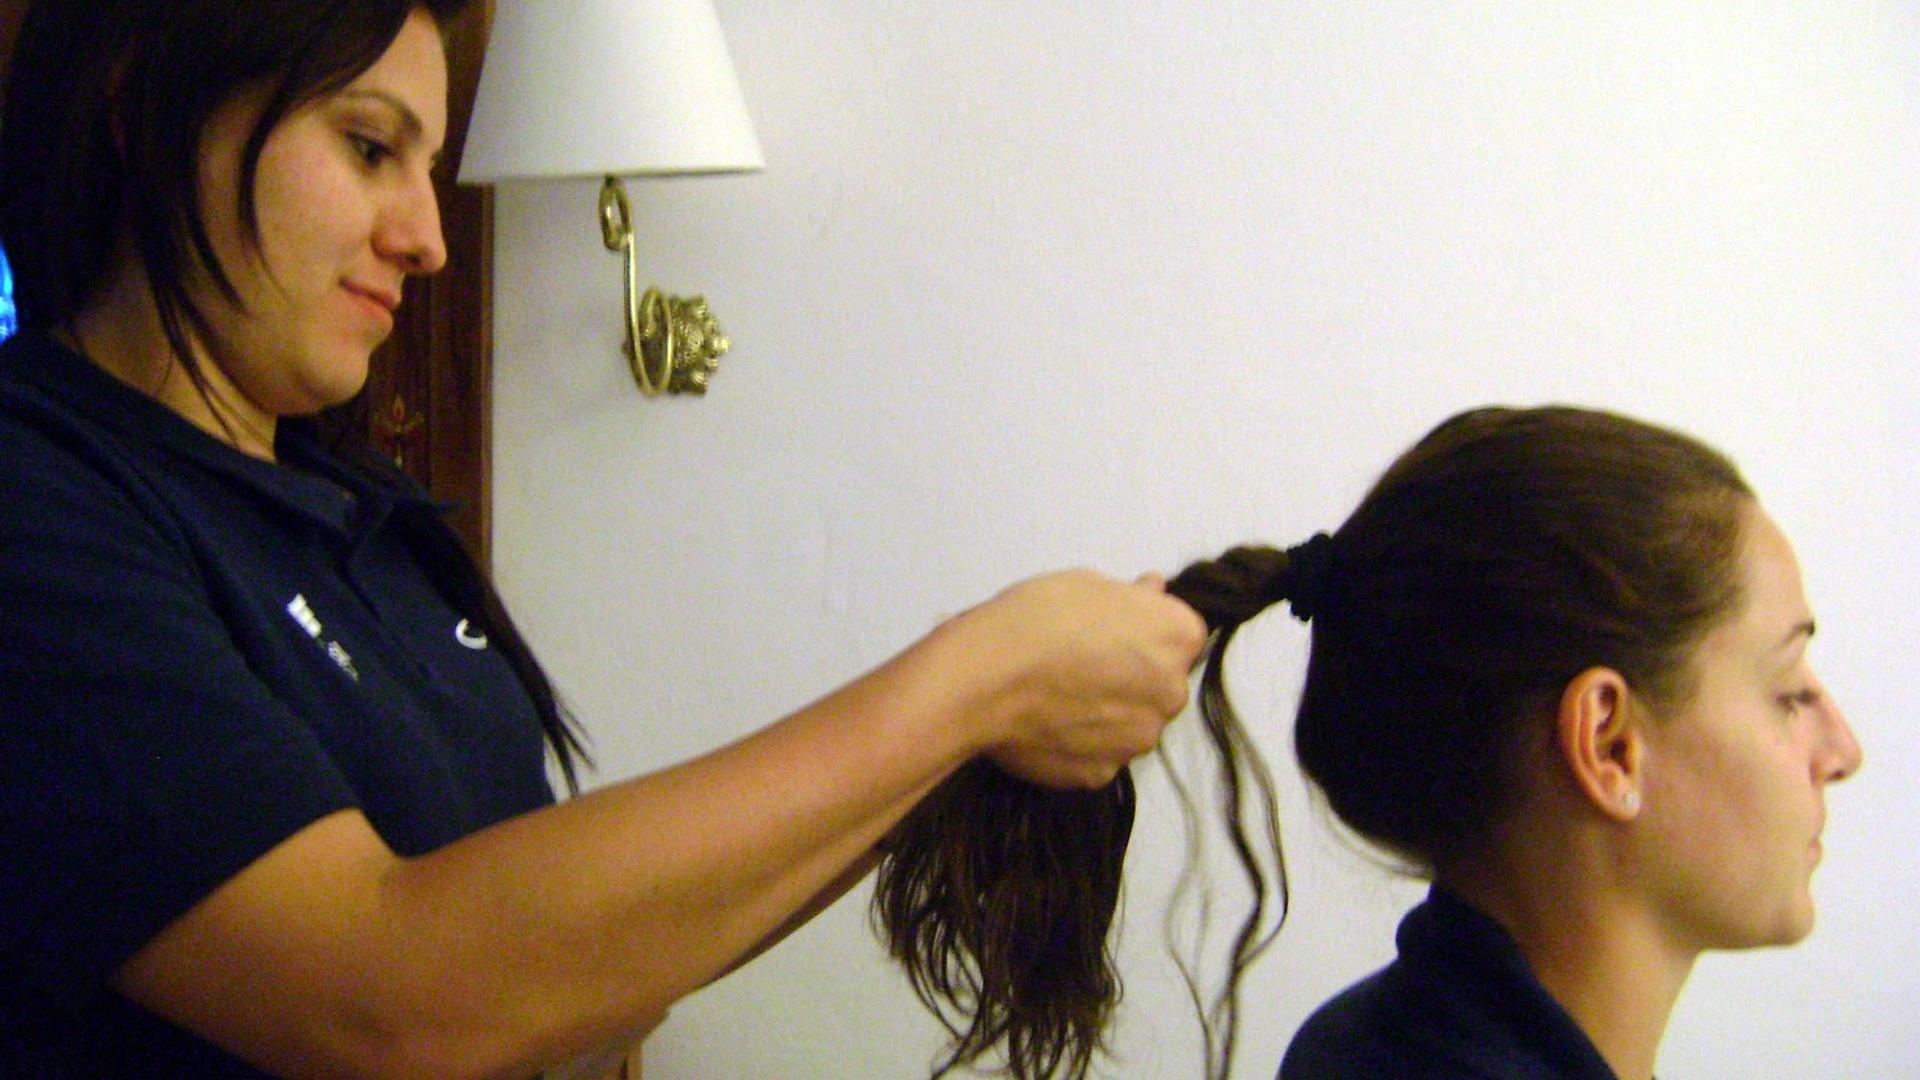 Mayara faz tranças no cabelo de Duda antes da partida do Brasil